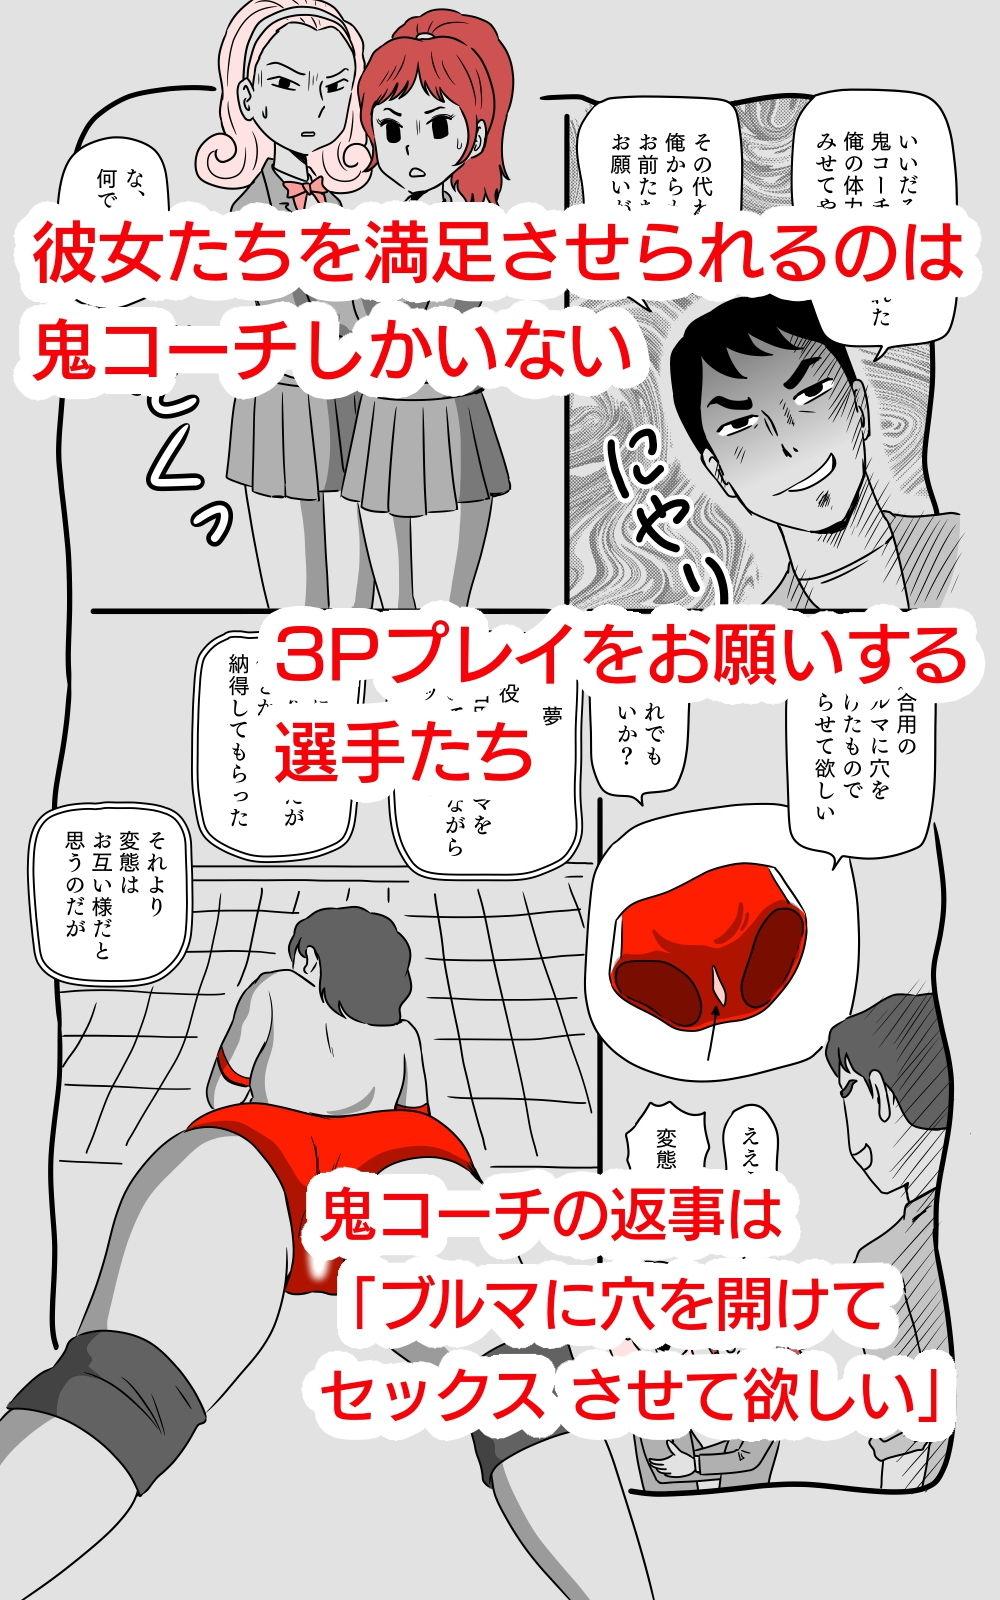 女子バレーボール部物語 鬼コーチと3P